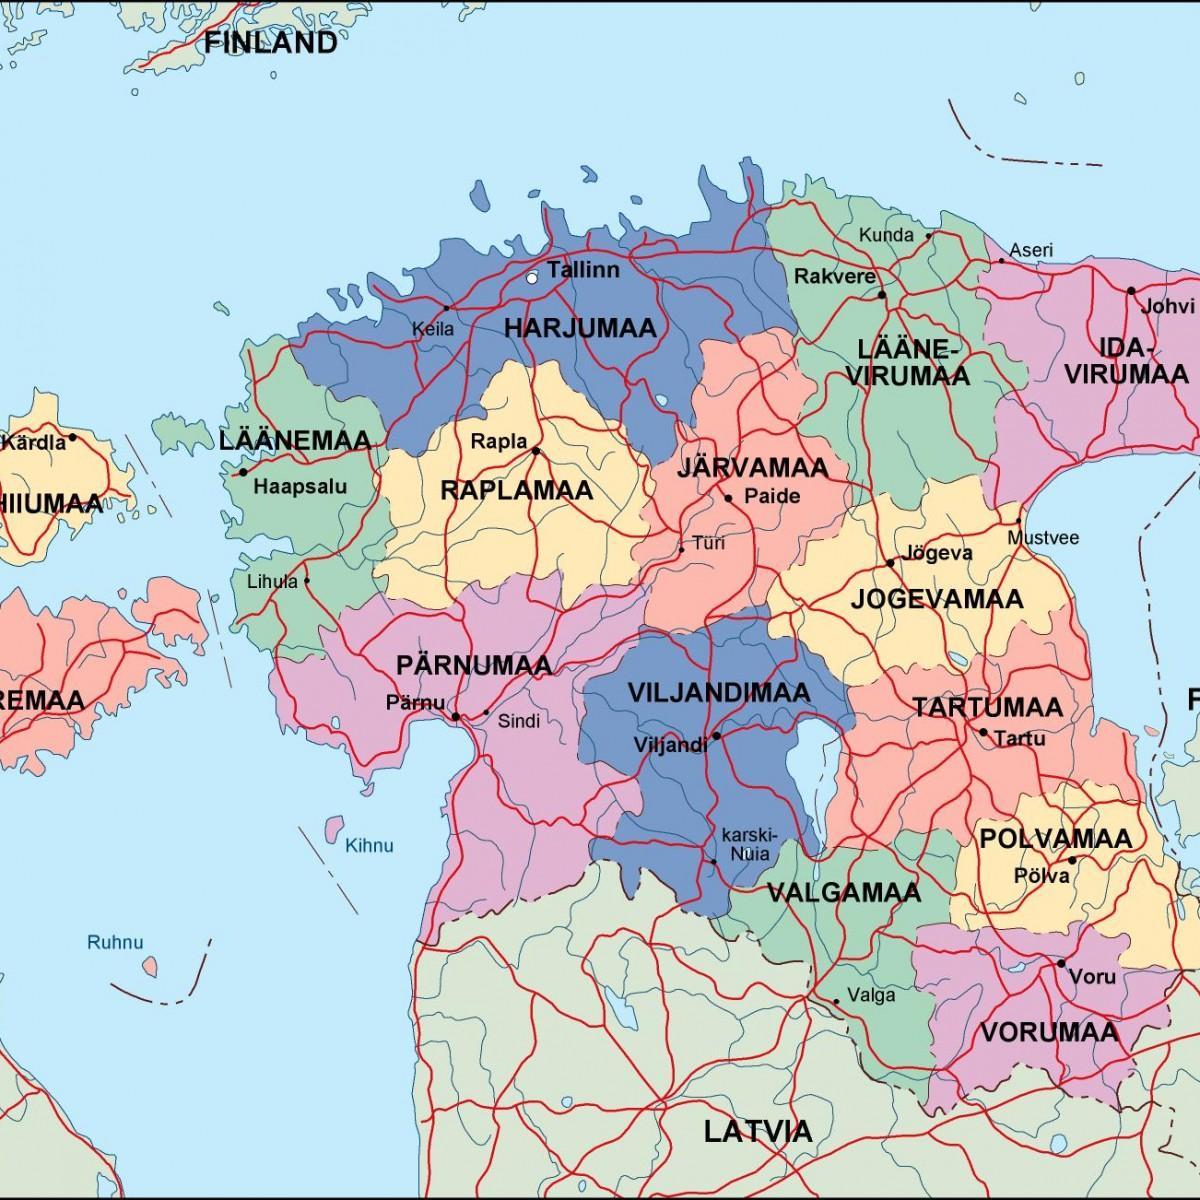 estland kart Estland, politisk kart   Kart over Estland politisk (Northern  estland kart